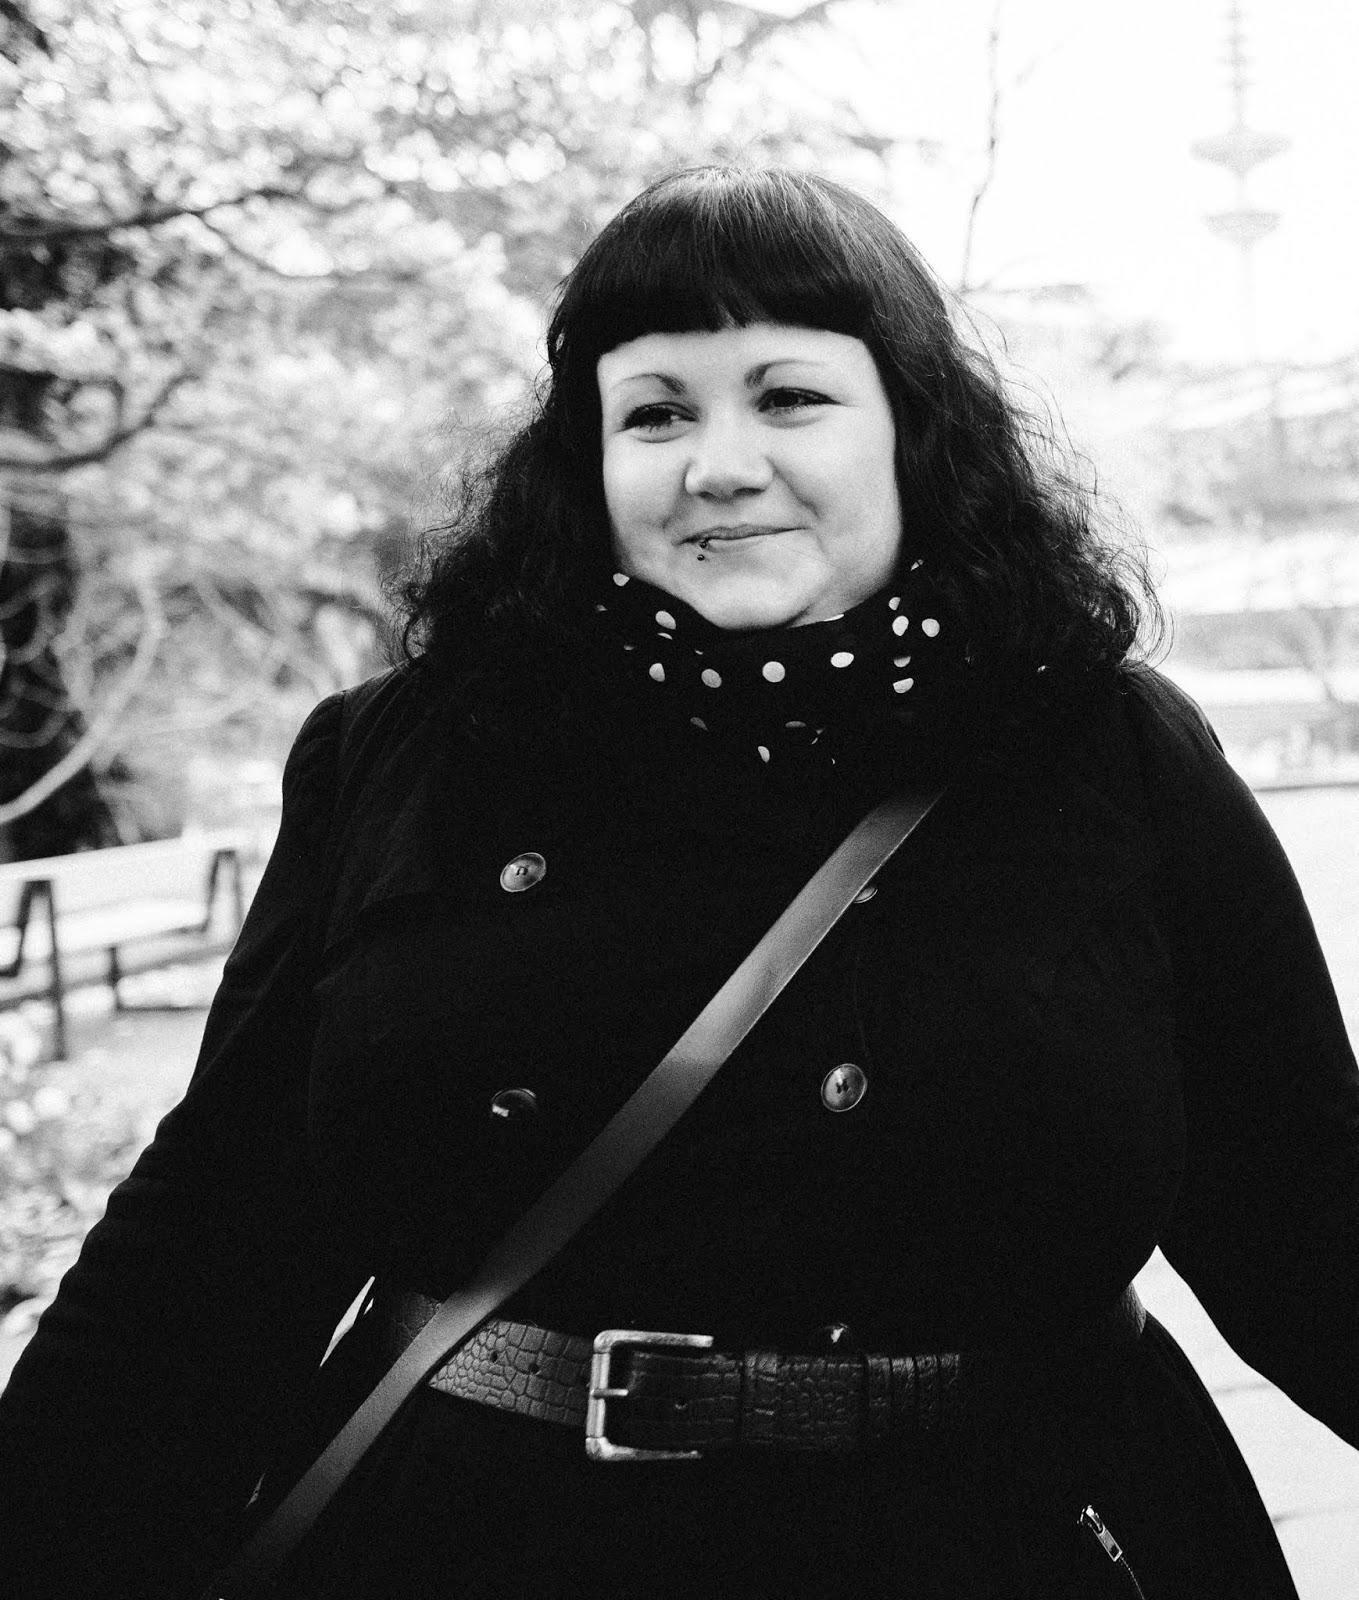 Jana Nörenberg. Hamburger Mensch #205